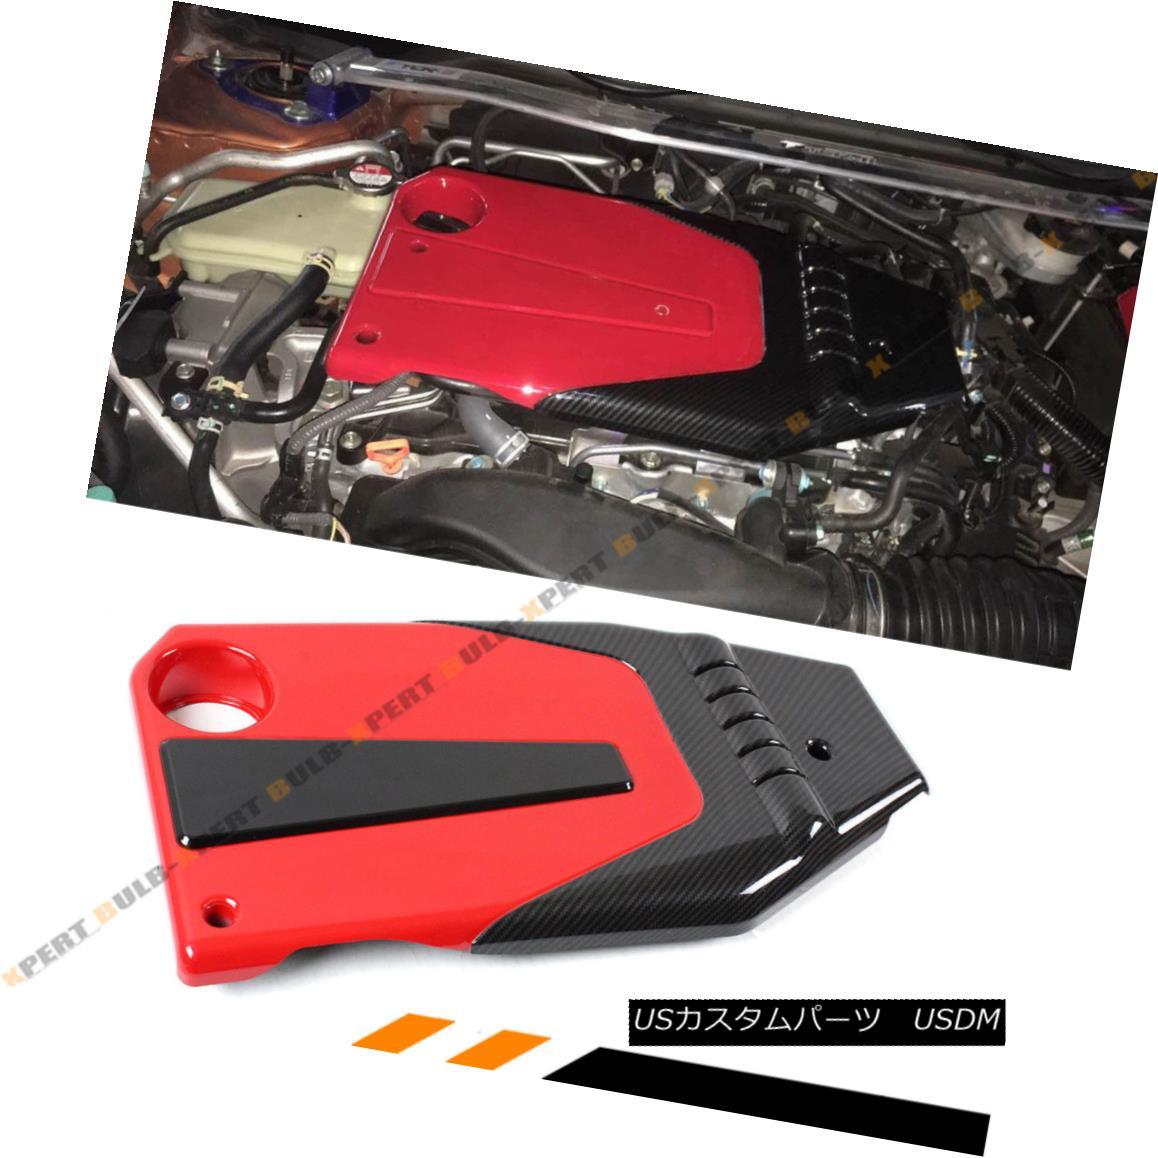 エアロパーツ FOR 2016-18 10TH GEN HONDA CIVIC JDM RED BLACK TYPE-R STYLE ENGINE VALVE COVER 2016-18 10世紀ホンダシビックJDMレッドブラックタイプステーショナリーエンジンバルブカバー